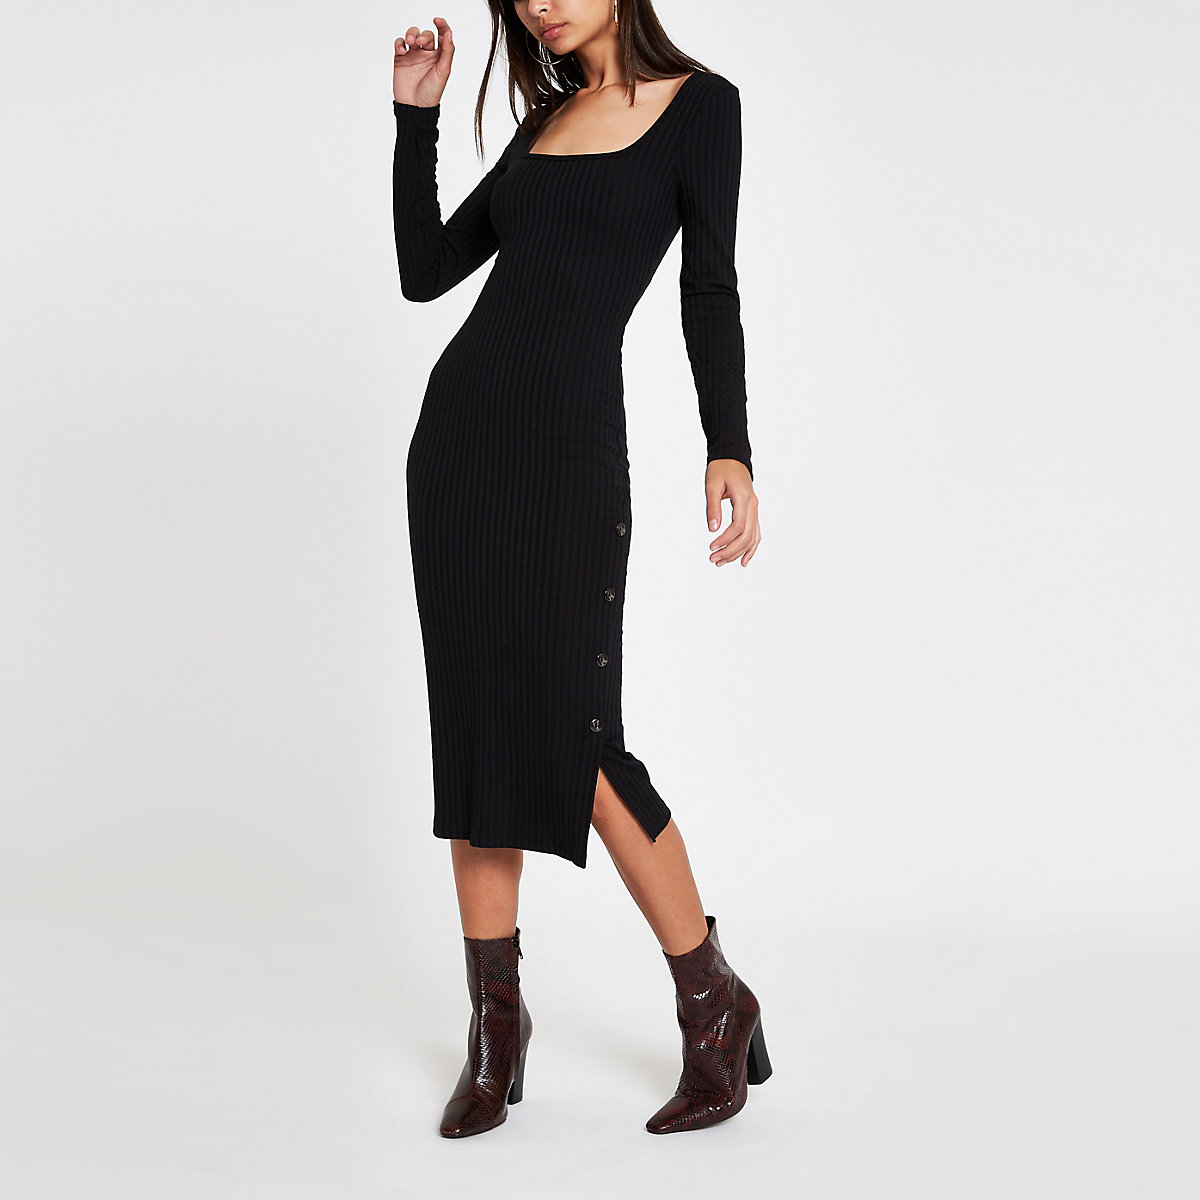 Black ribbed square neck bodycon midi dress